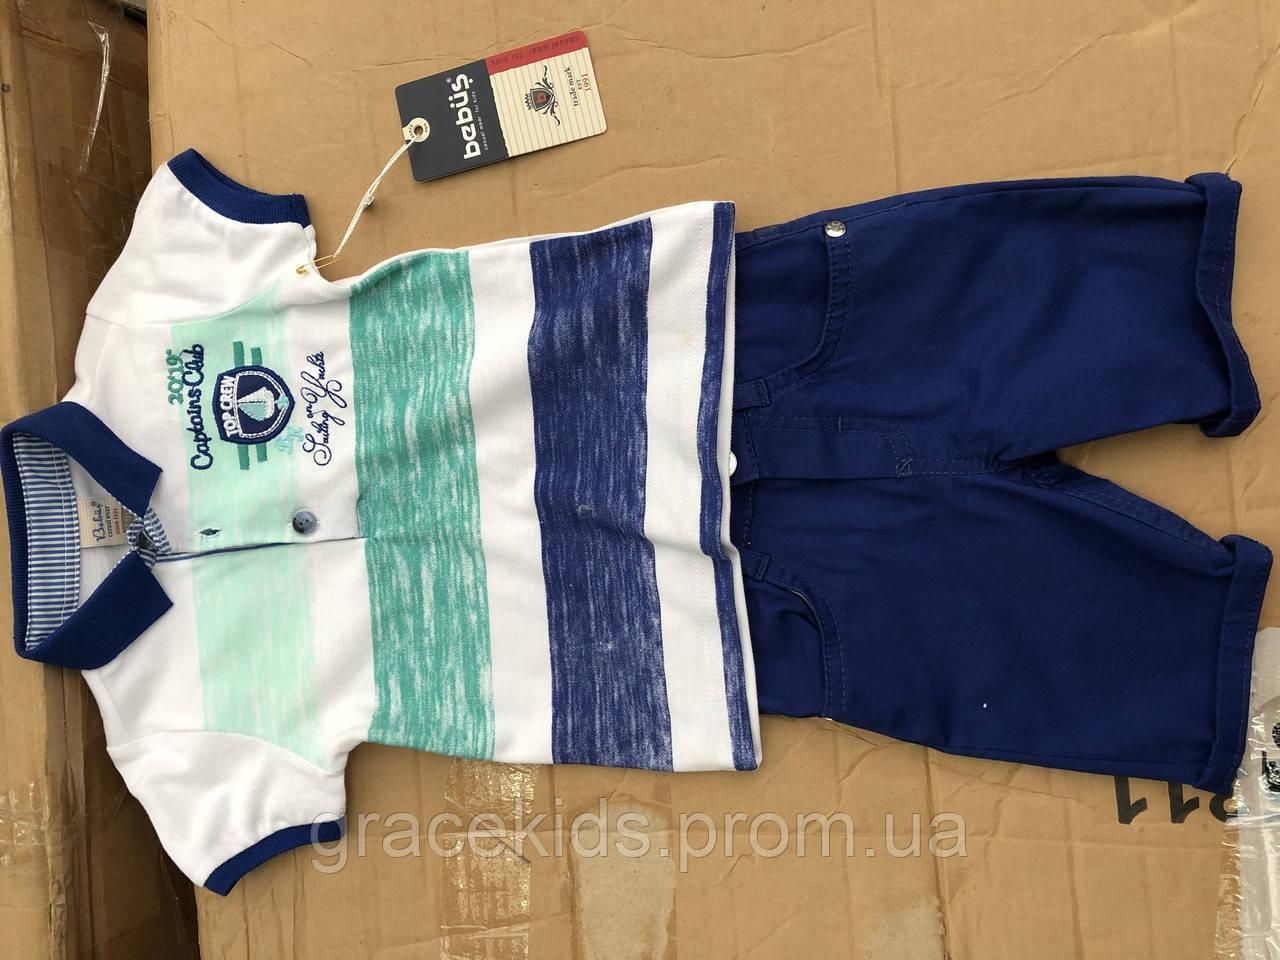 Детские летние комплекты для мальчиков малюток BEBUS.разм 12-36 месяцев